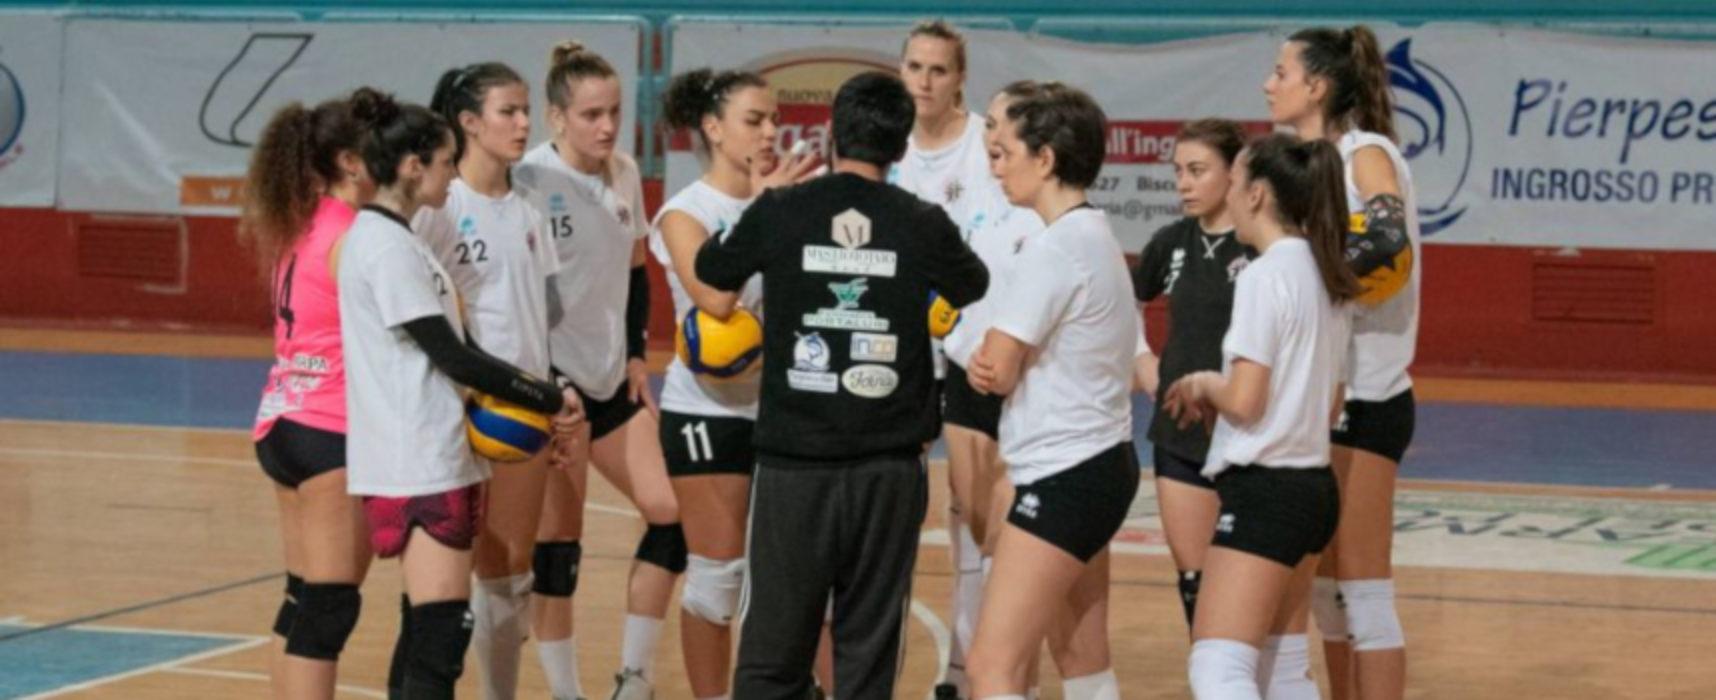 Casi covid nel gruppo squadra Star Volley, rinviato match di campionato